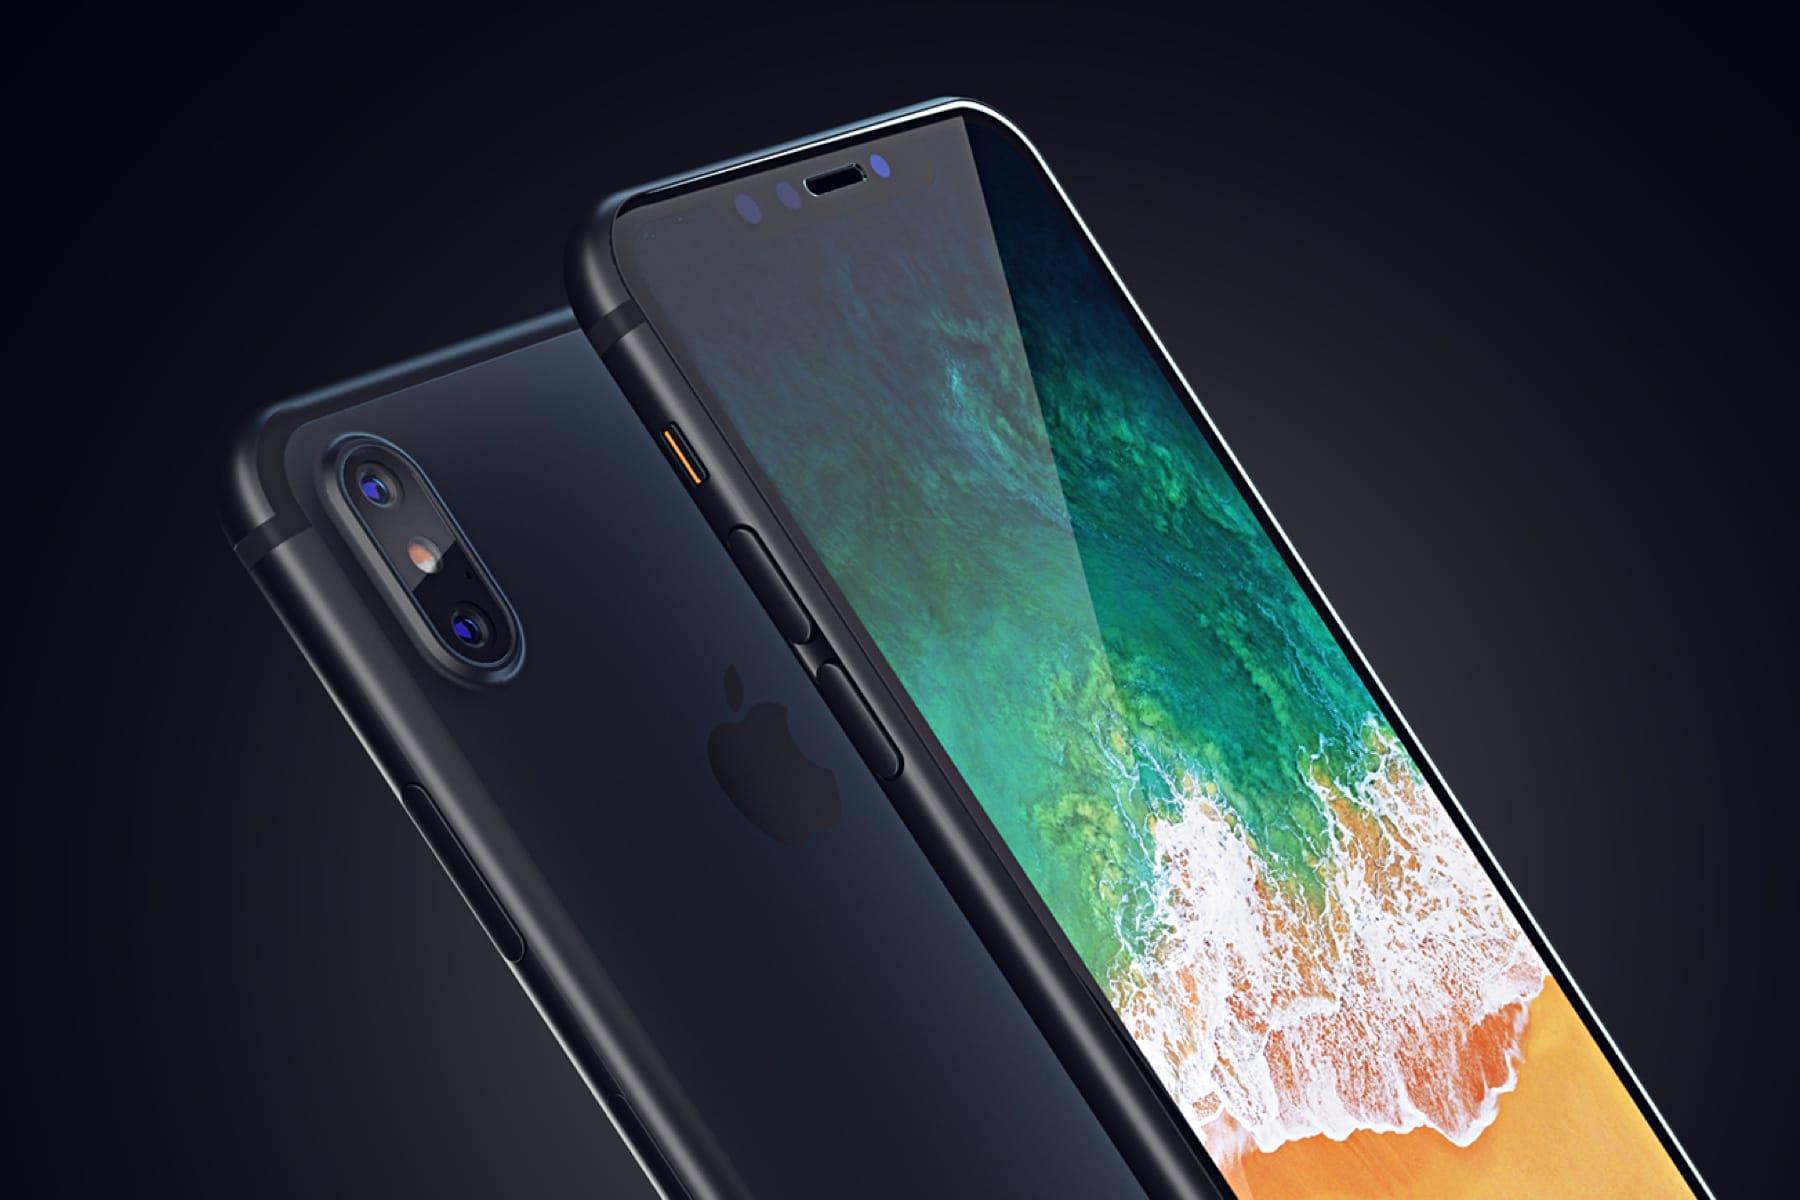 Реальная цена iPhone 8 в России оказалась неутешительно высокой